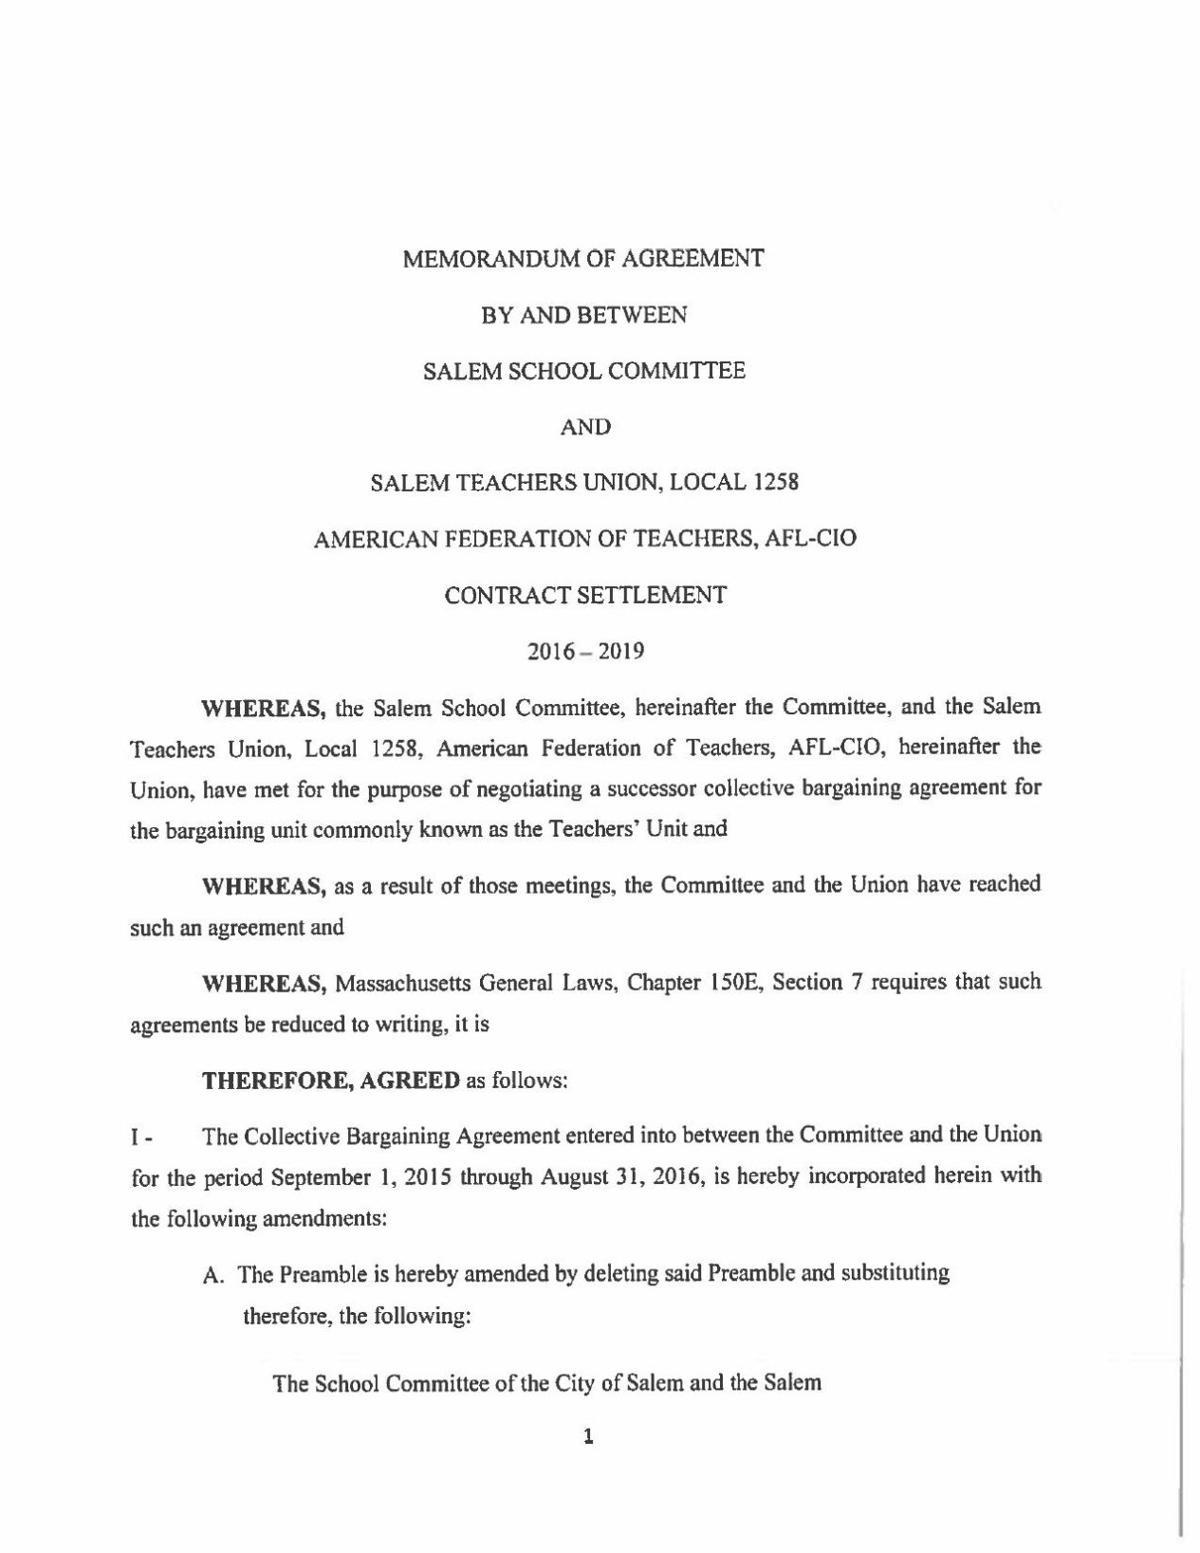 Salem Teachers Contract Memorandum Salemnews